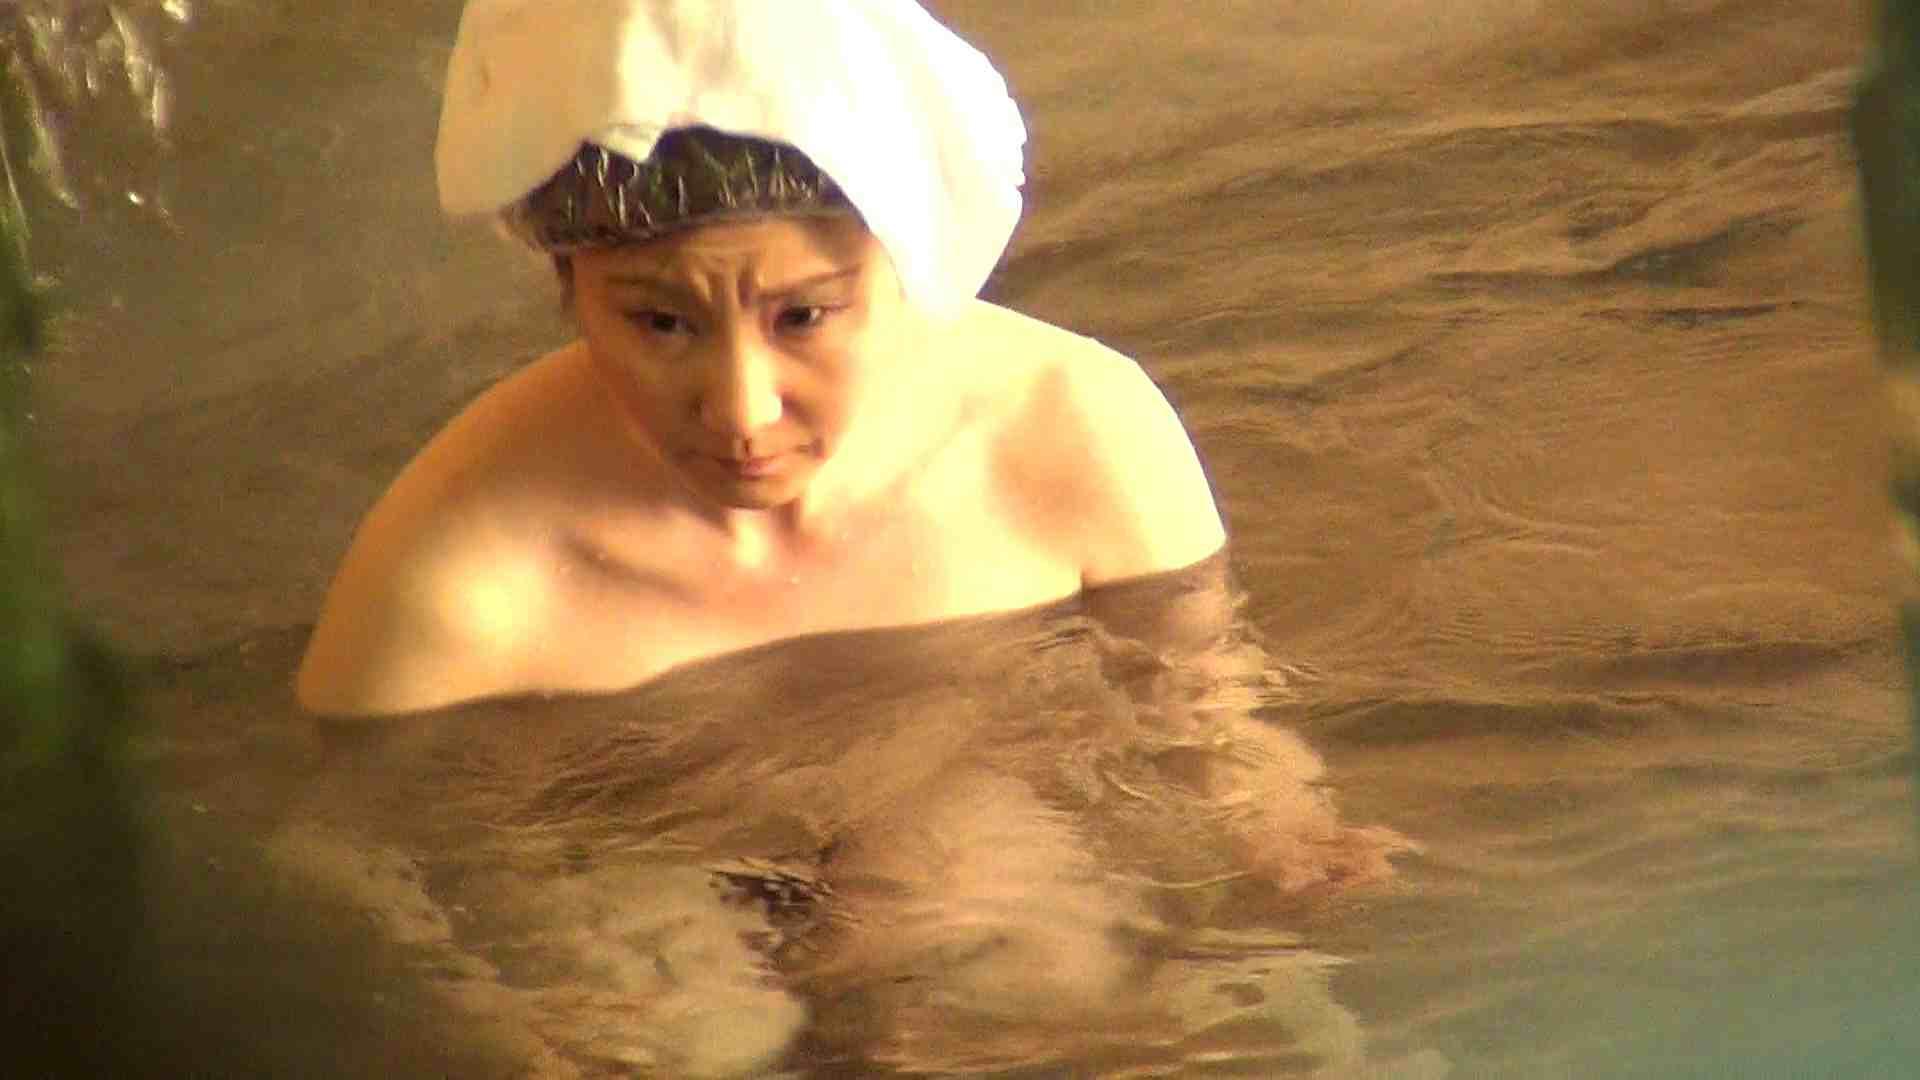 Aquaな露天風呂Vol.278 盗撮 | 露天  100画像 34